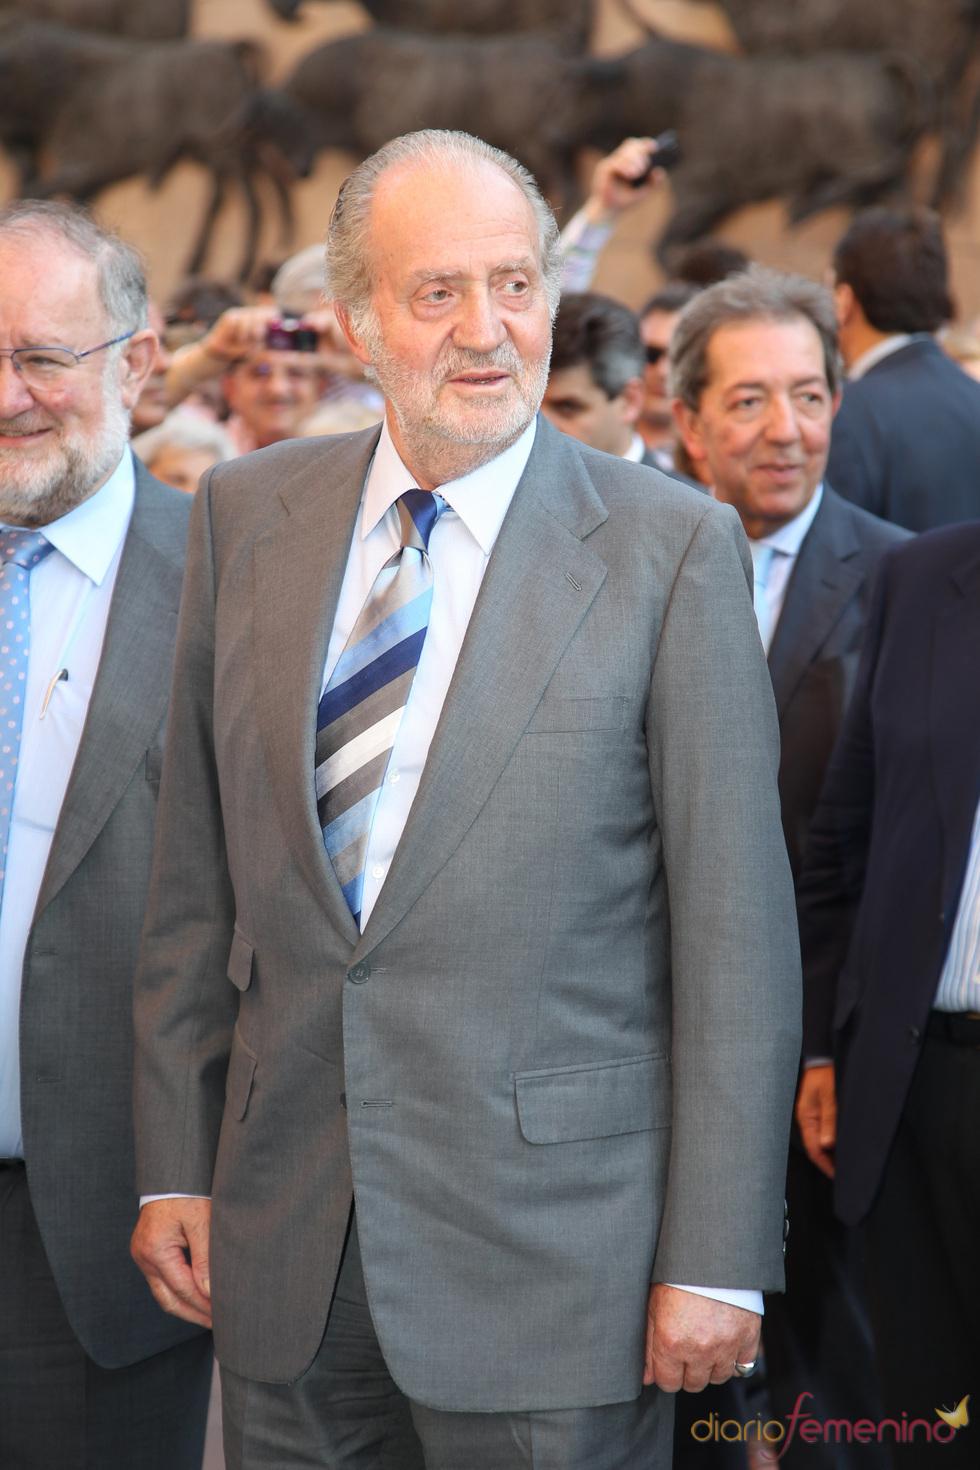 El Rey Juan Carlos preside la Corrida de la Prensa en Las Ventas